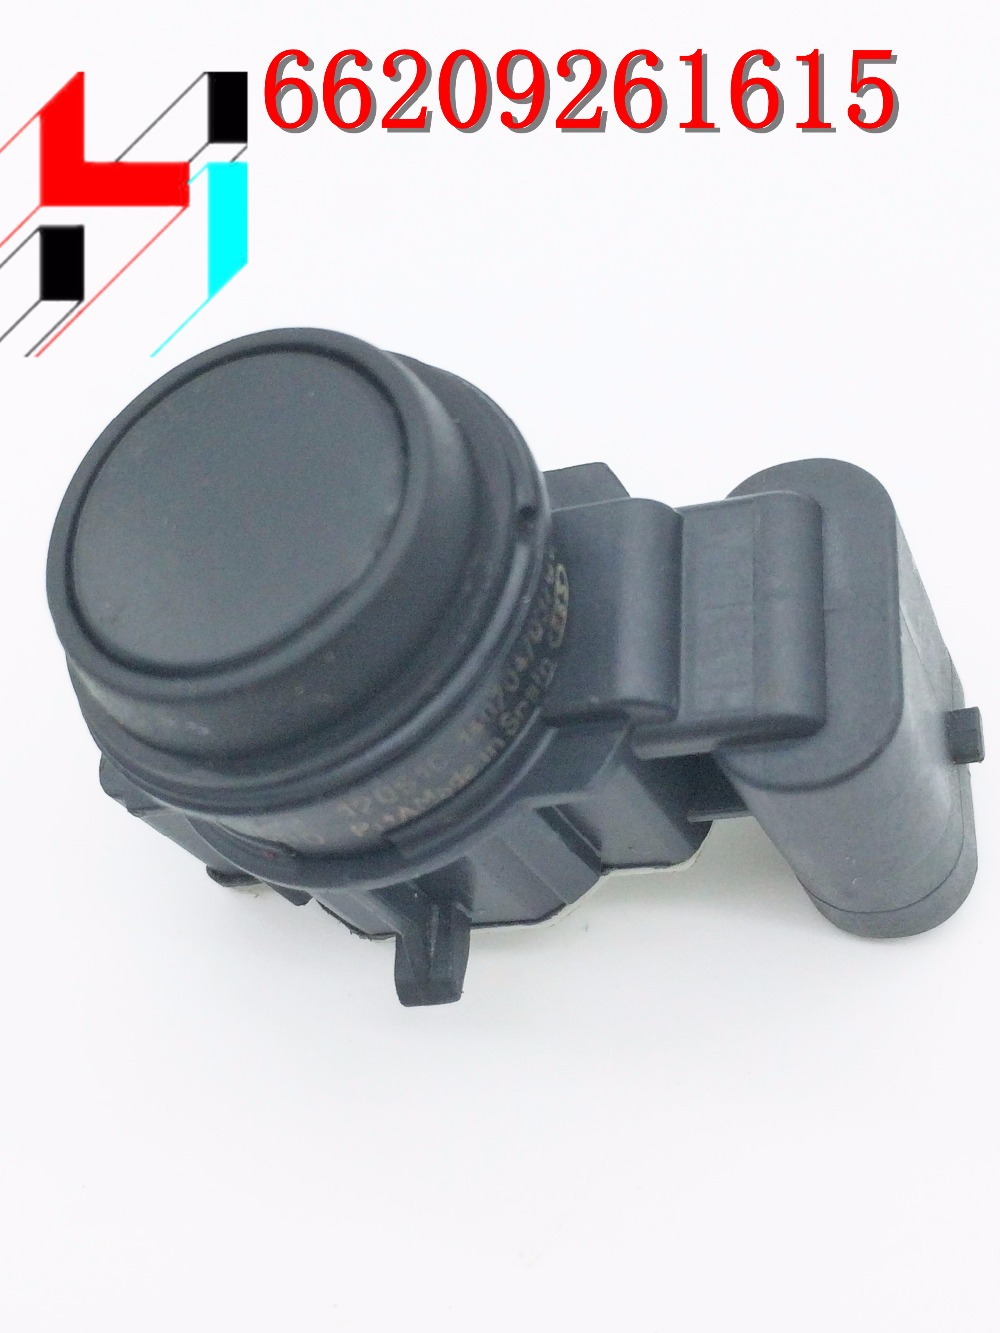 (10pcs) 66209261615 Original 9261615 Pdc Parking Distance Sensor Reverse Park Assist For B M W Genuine! 0263013600 Mild And Mellow